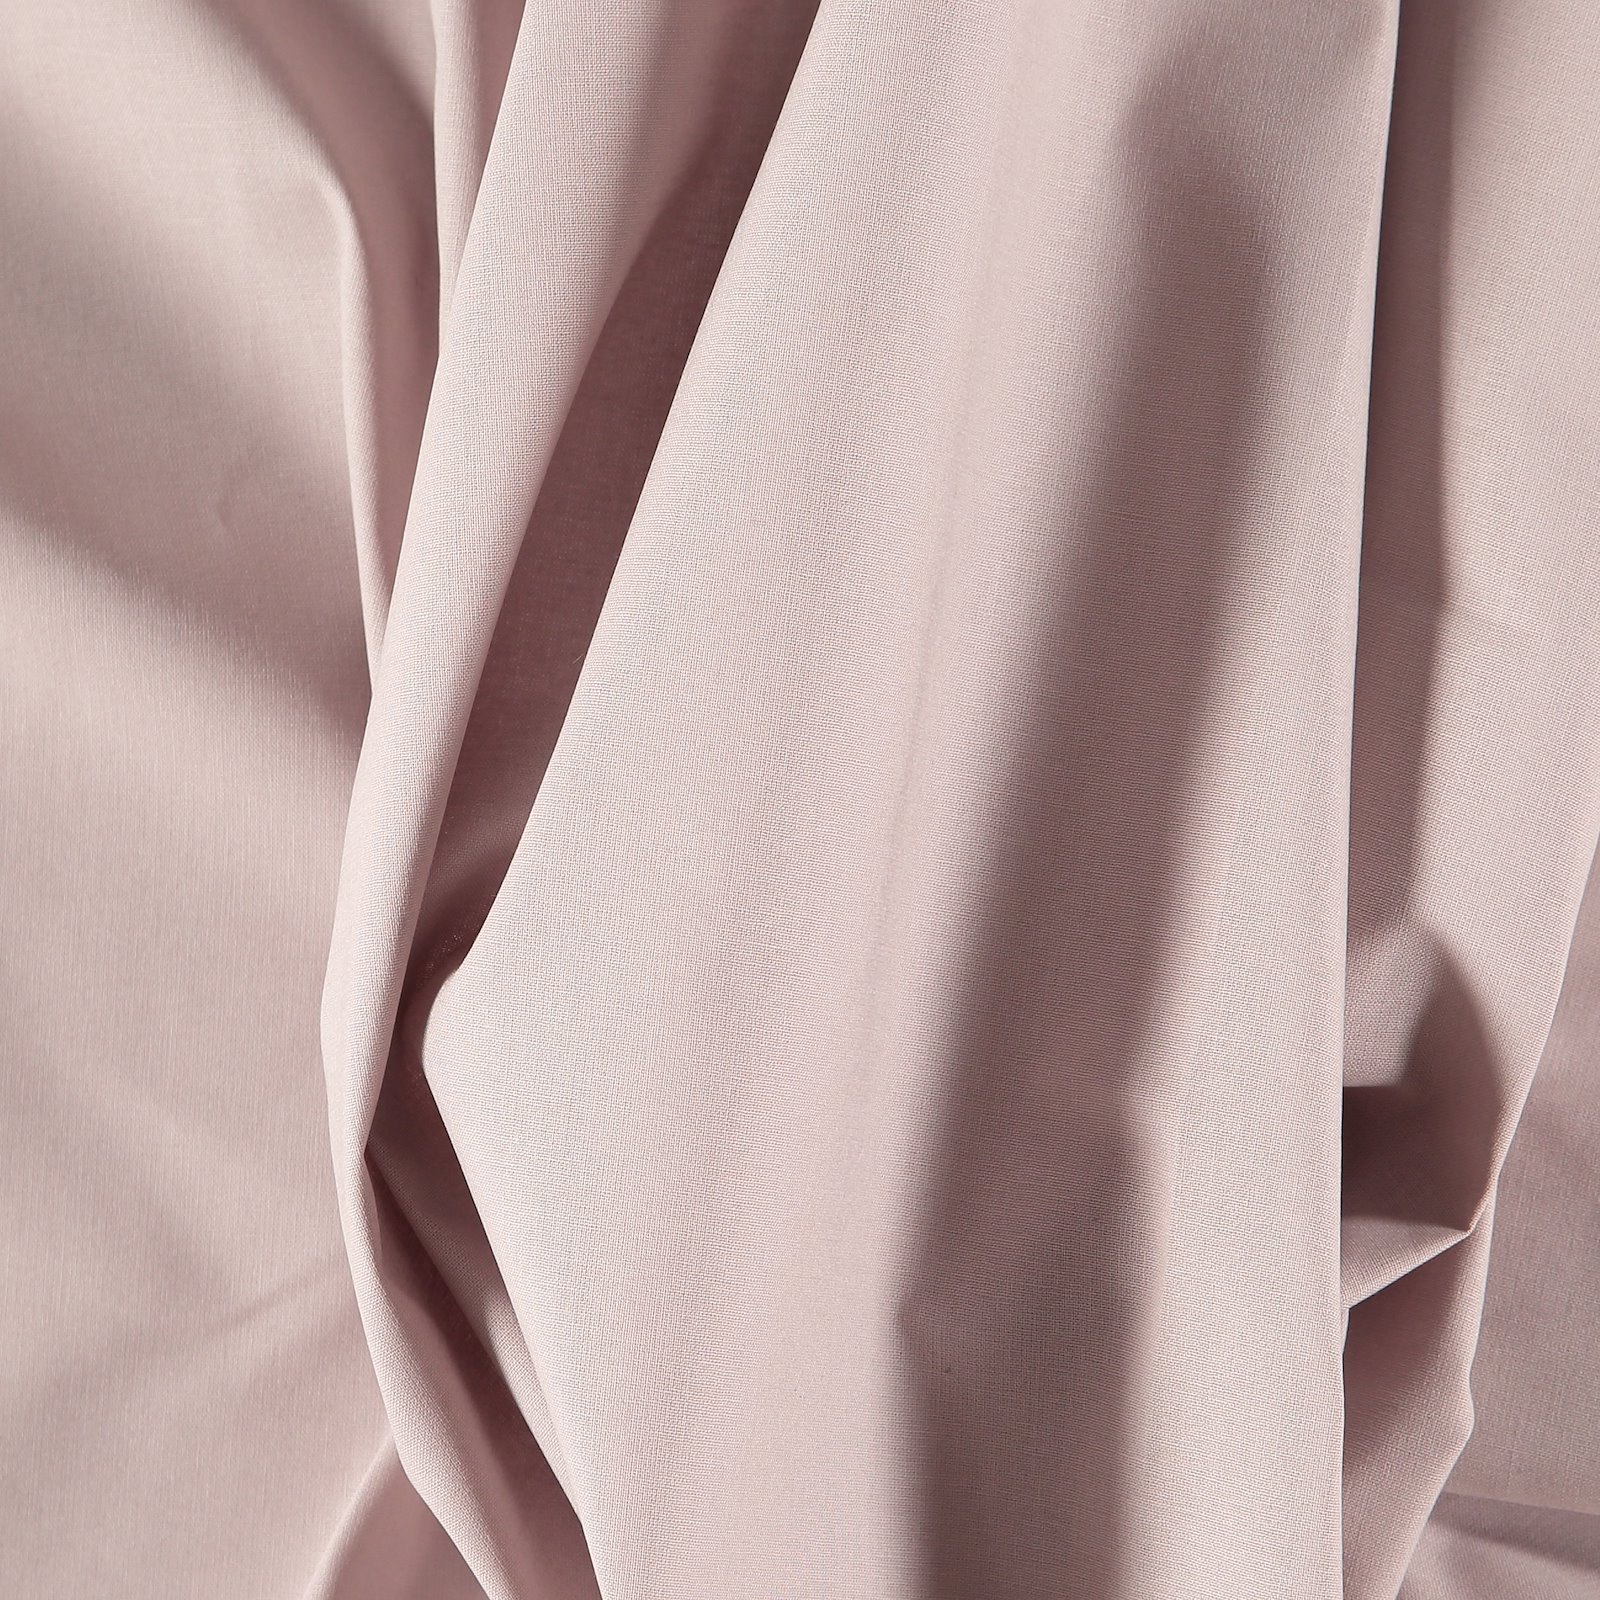 Luxury cotton light heather